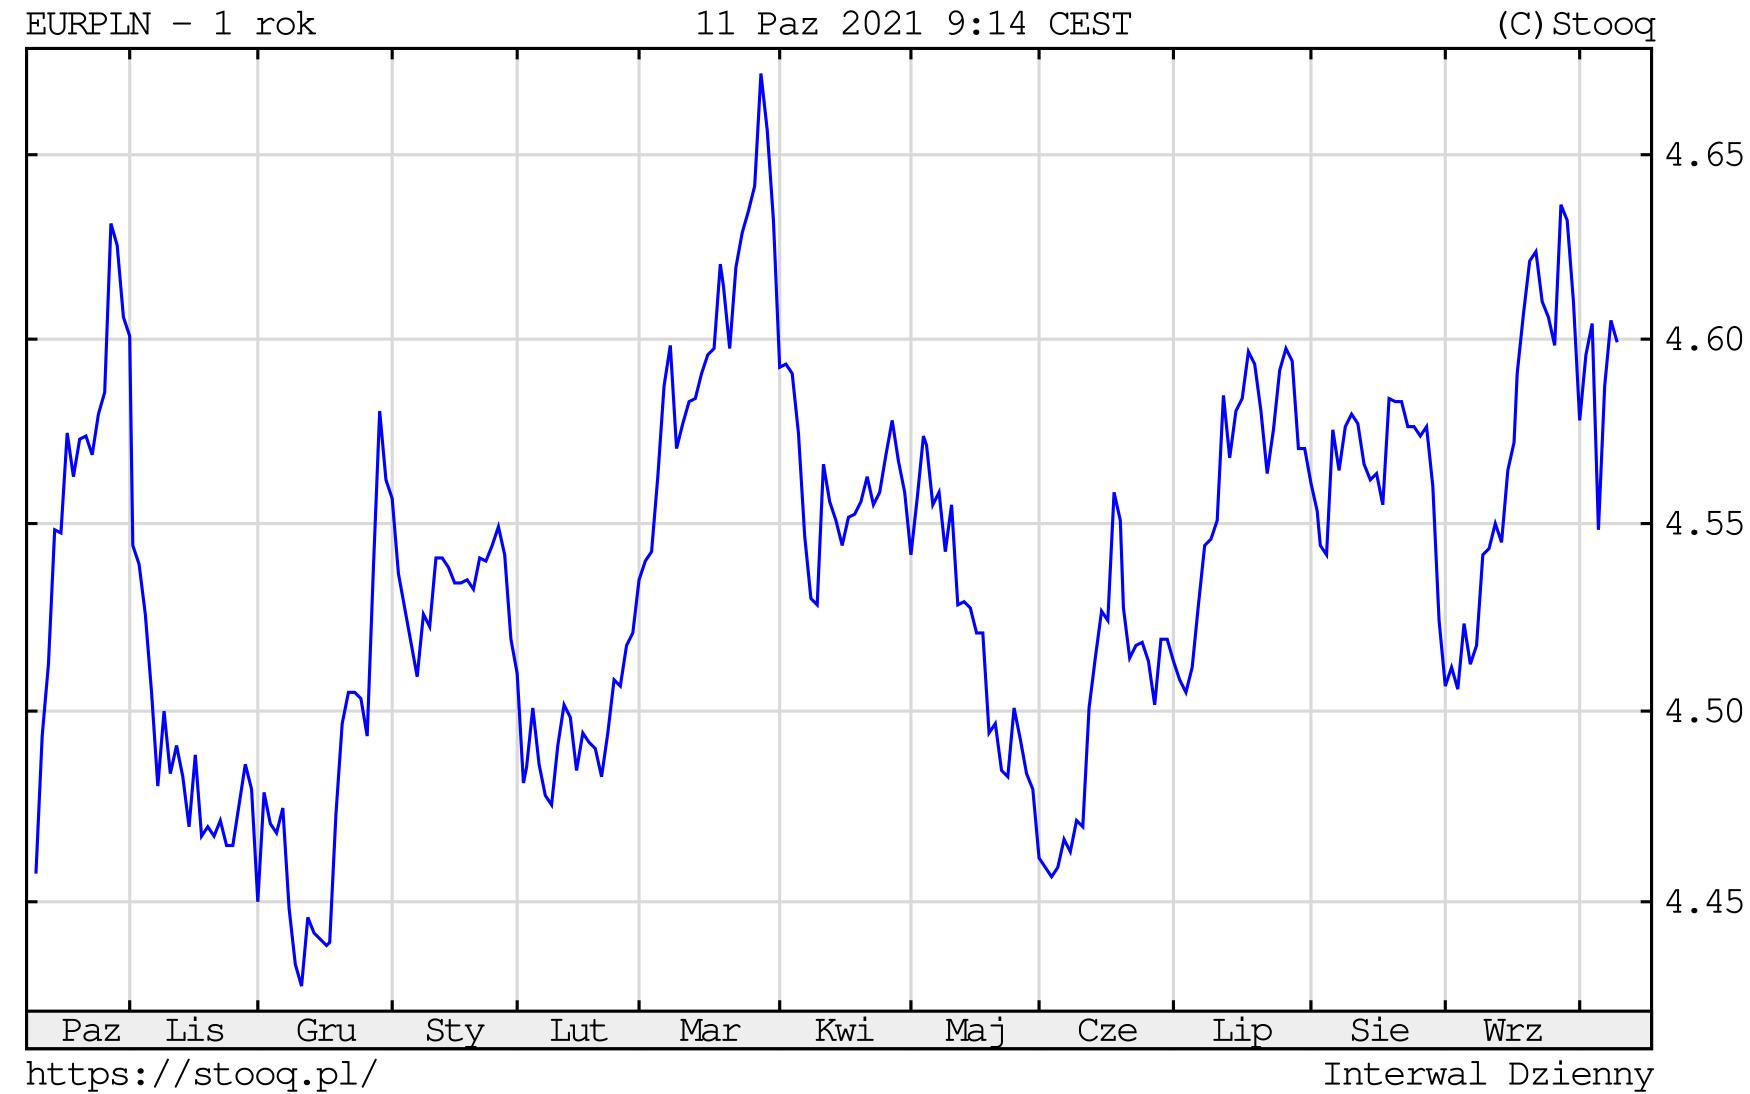 Kurs euro w poniedziałek, 11 października 2021 roku. Notowania EURPLN na wykresie dziennym